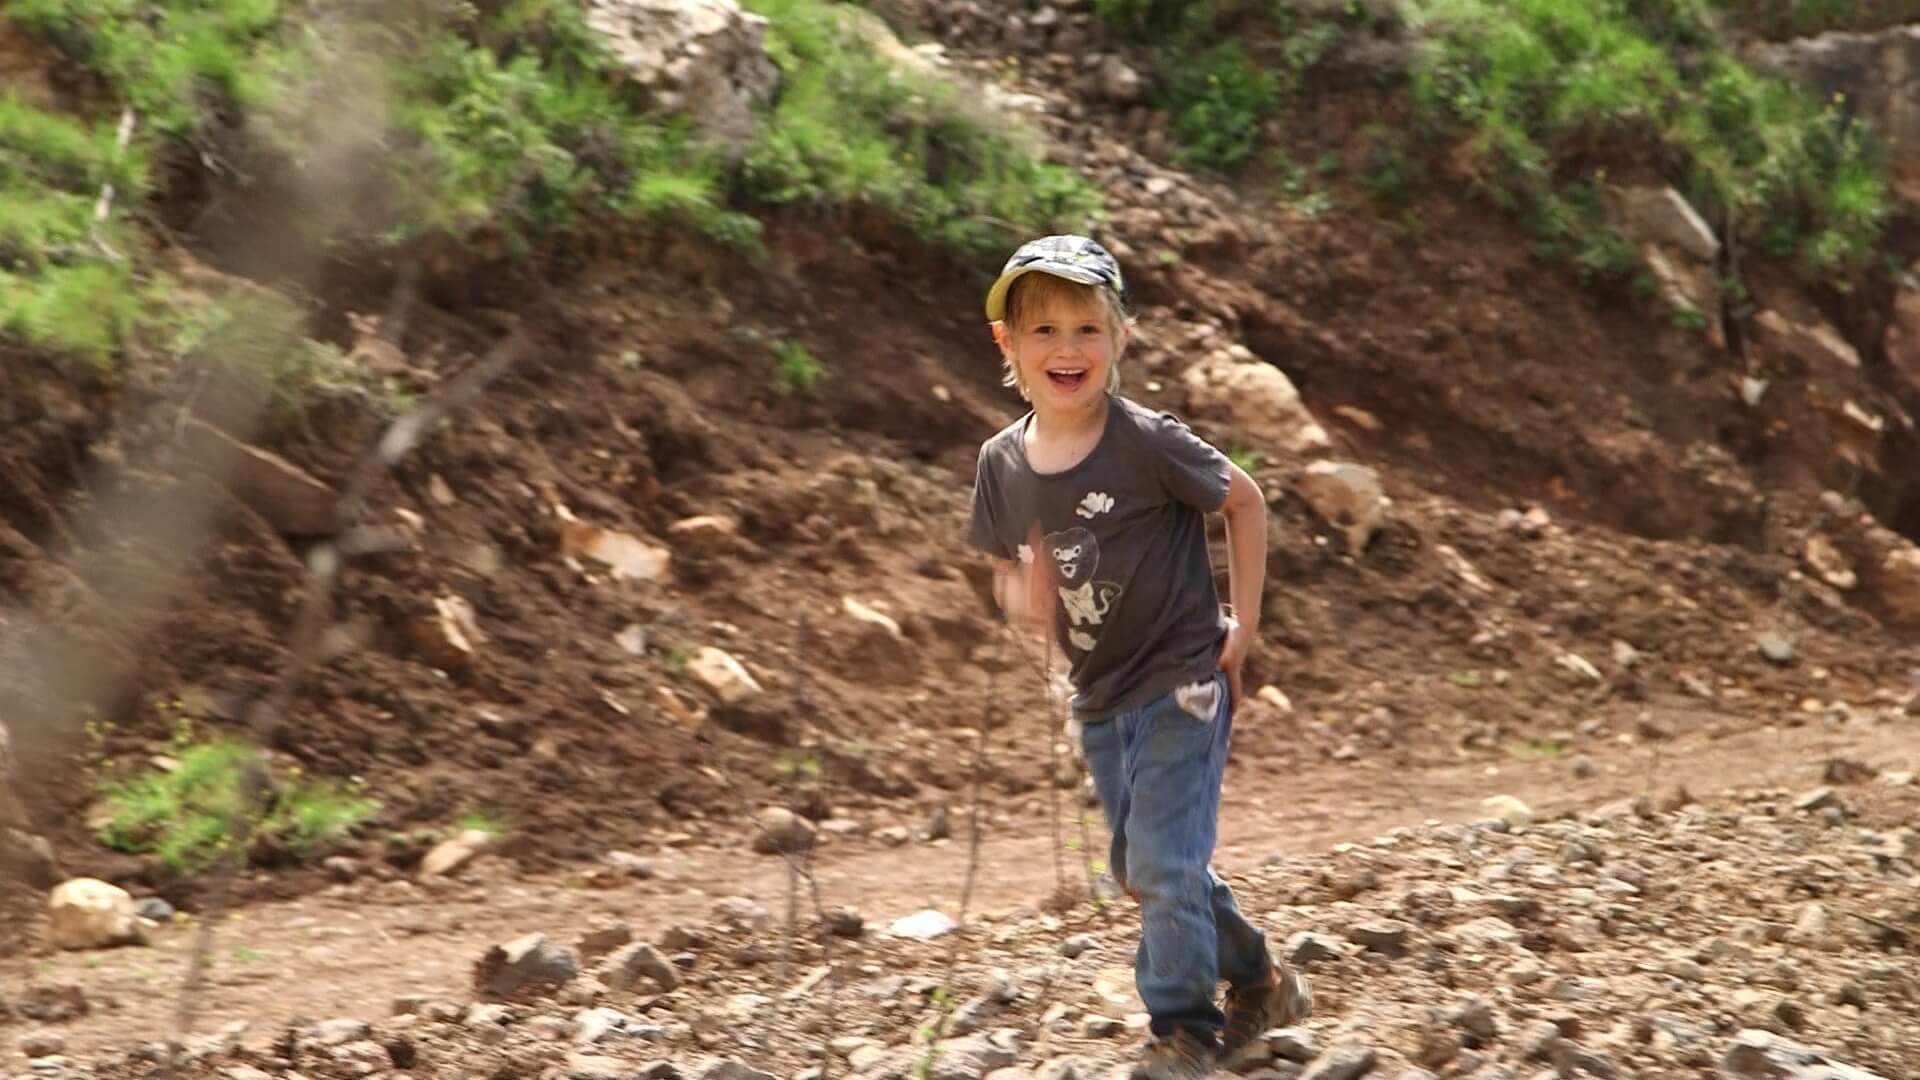 """מגזין ''מקו ועד תרבות'' - ''חפצים'' ילדים מכאן</br>סדרה דוקומנטרית על יום בחיי ילד ישראלי</br></br>""""טקסי"""" החיים היומיומיים, המשפחתיים והתרבותיים."""